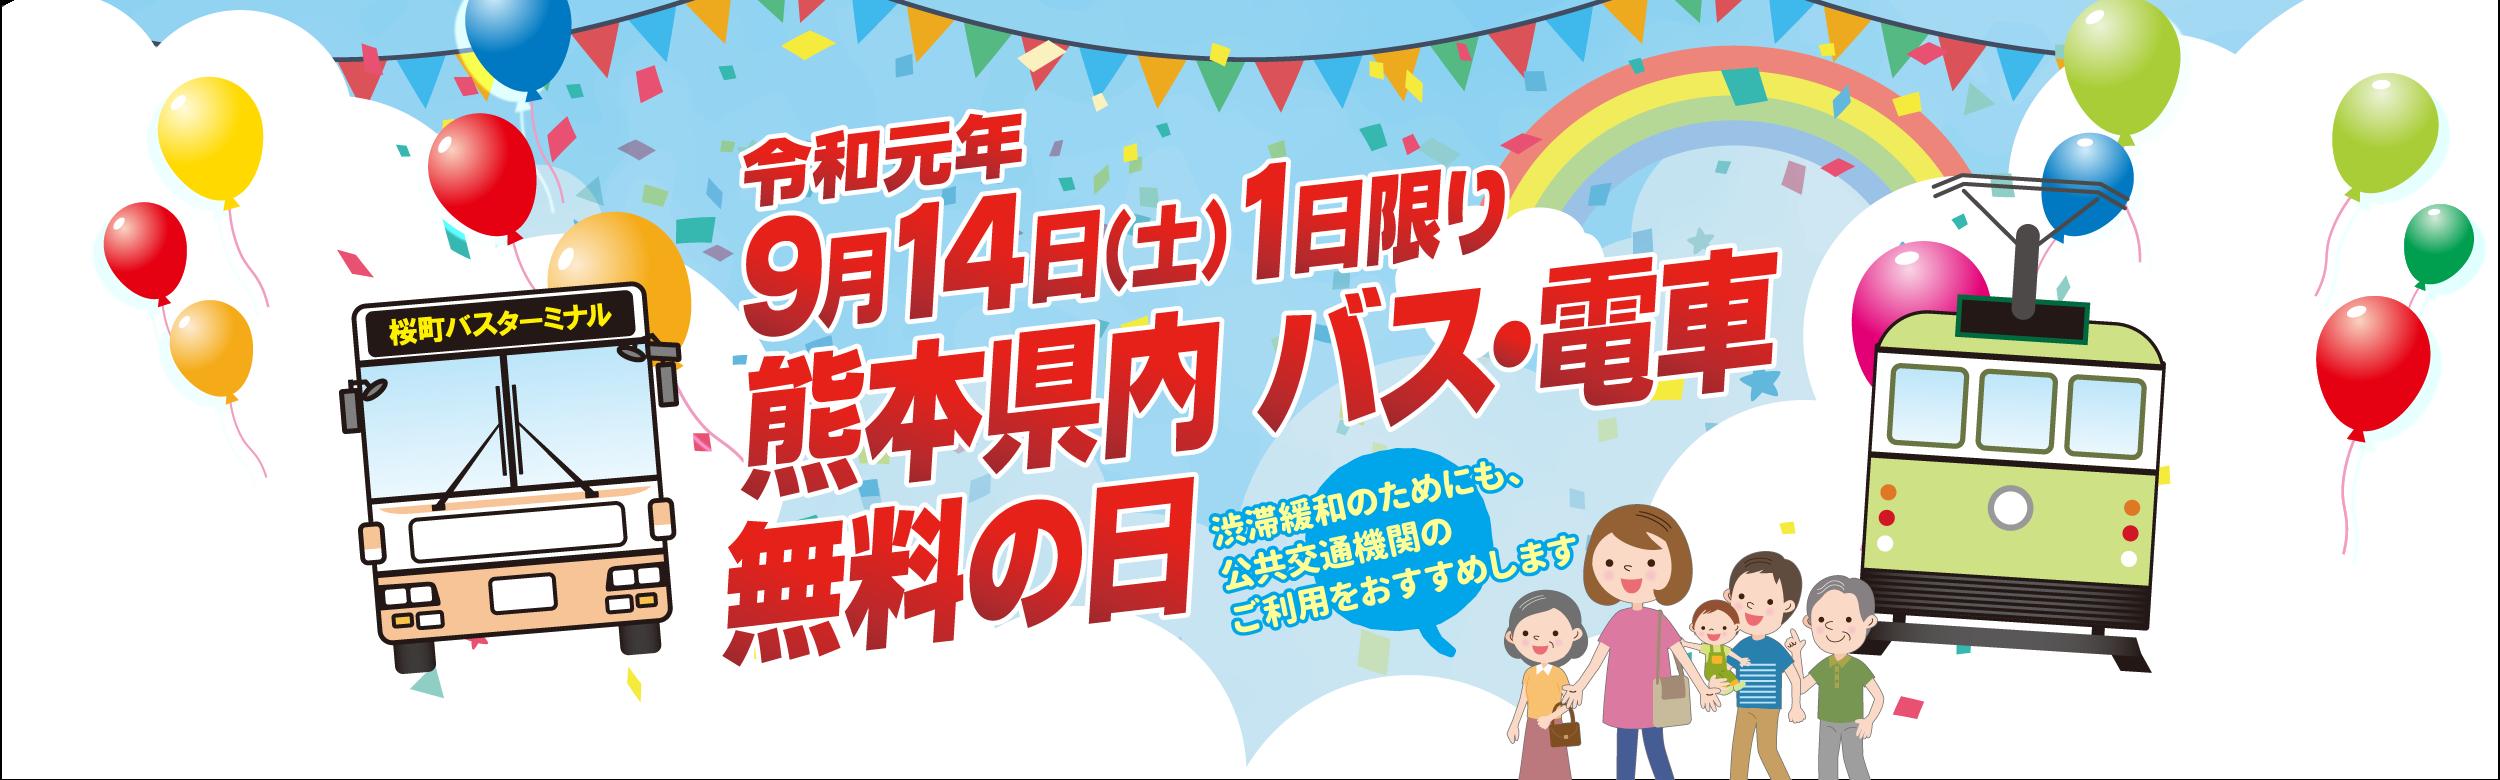 9/14(土)限定、熊本県内のバス・電車が乗り放題。